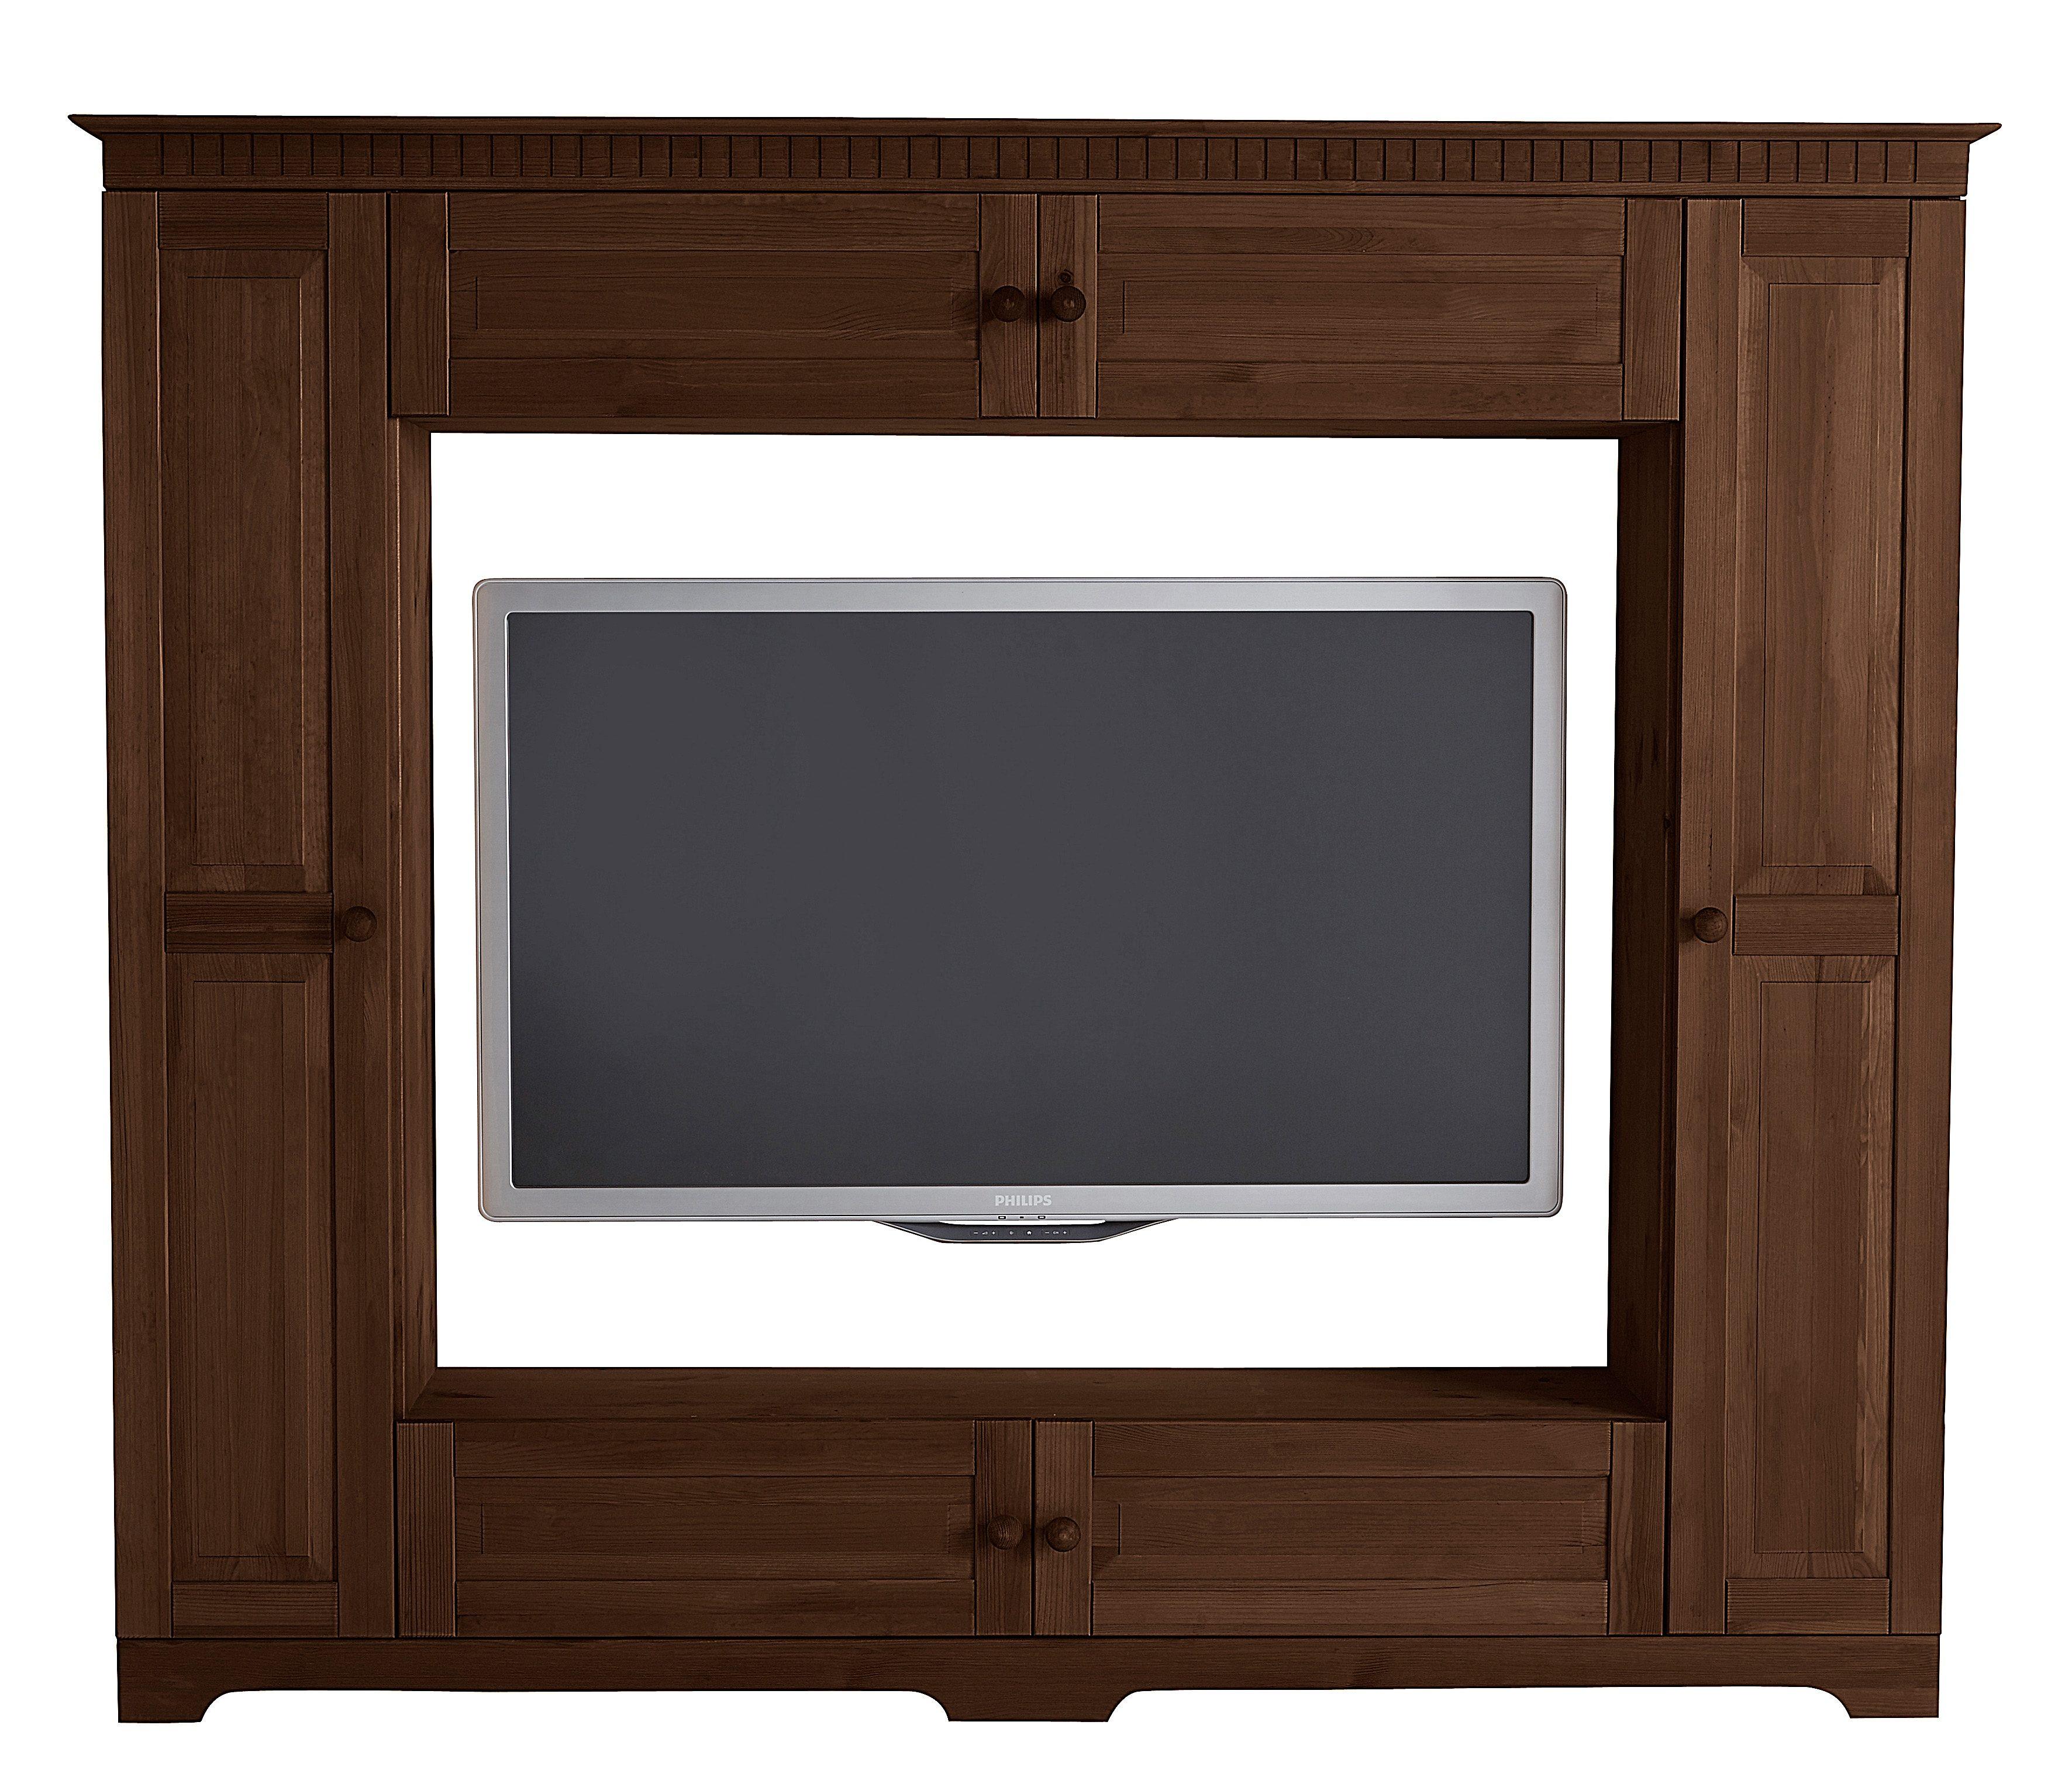 TV-Wand, Home affaire, Breite 180 cm, Belastbarkeit bis 50 kg